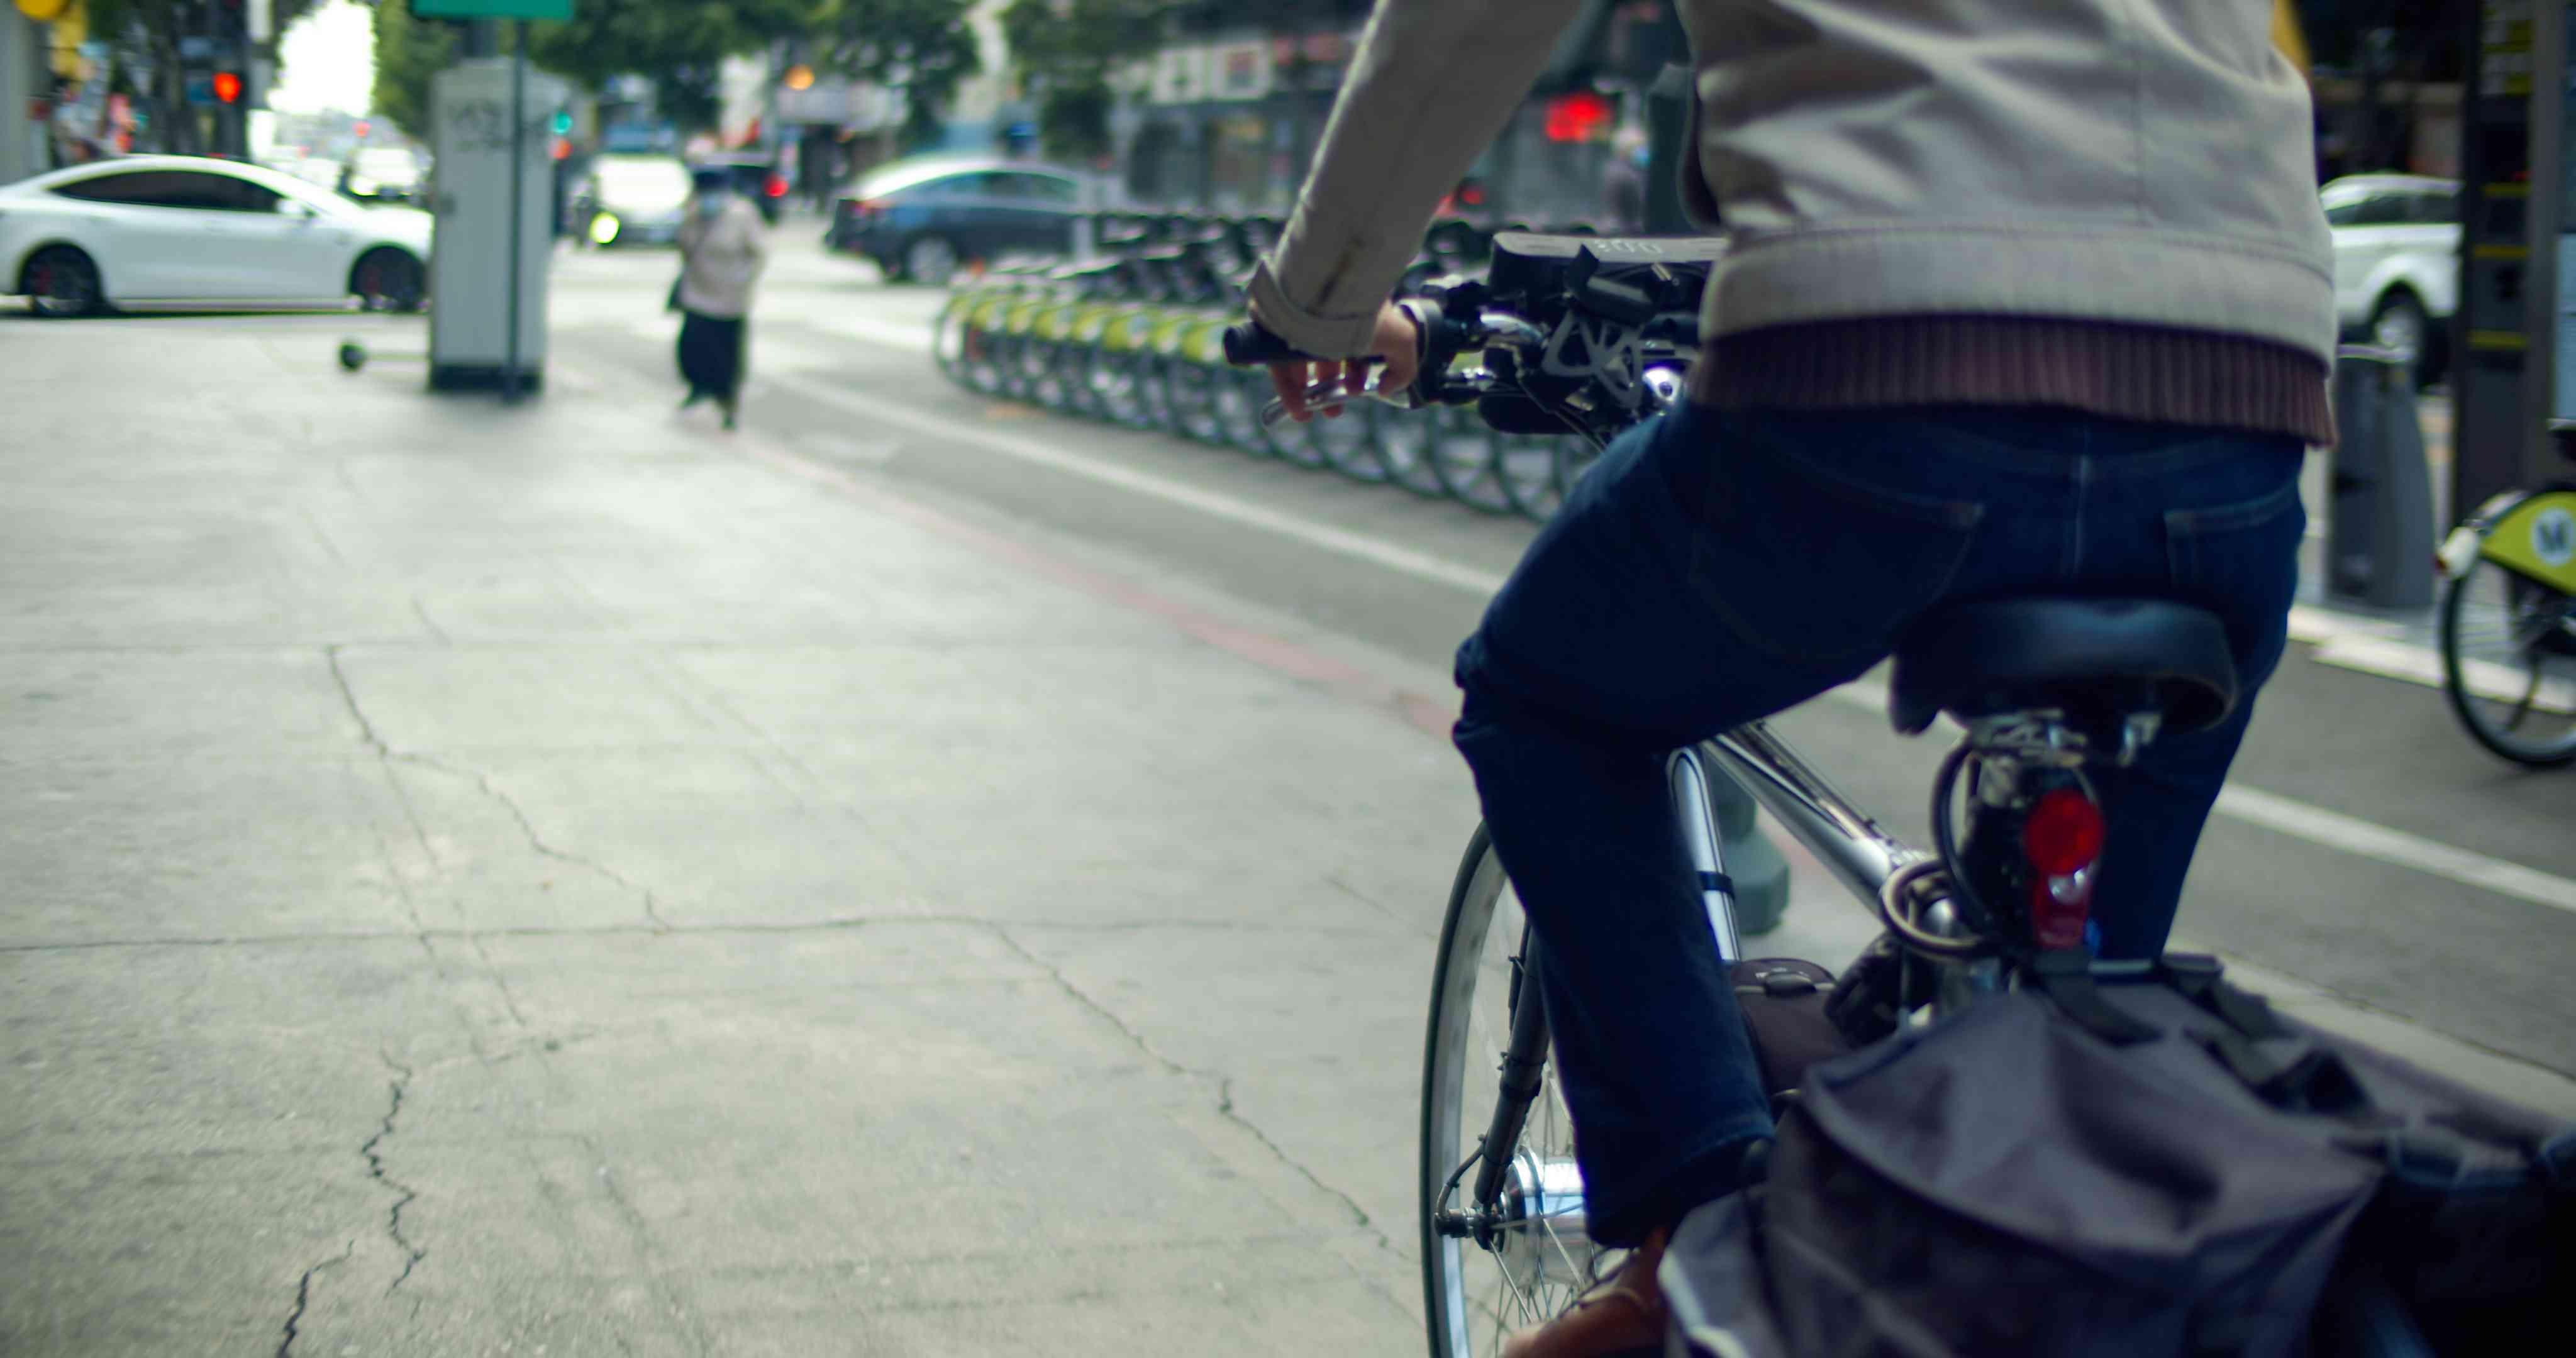 E-bike rider in LA